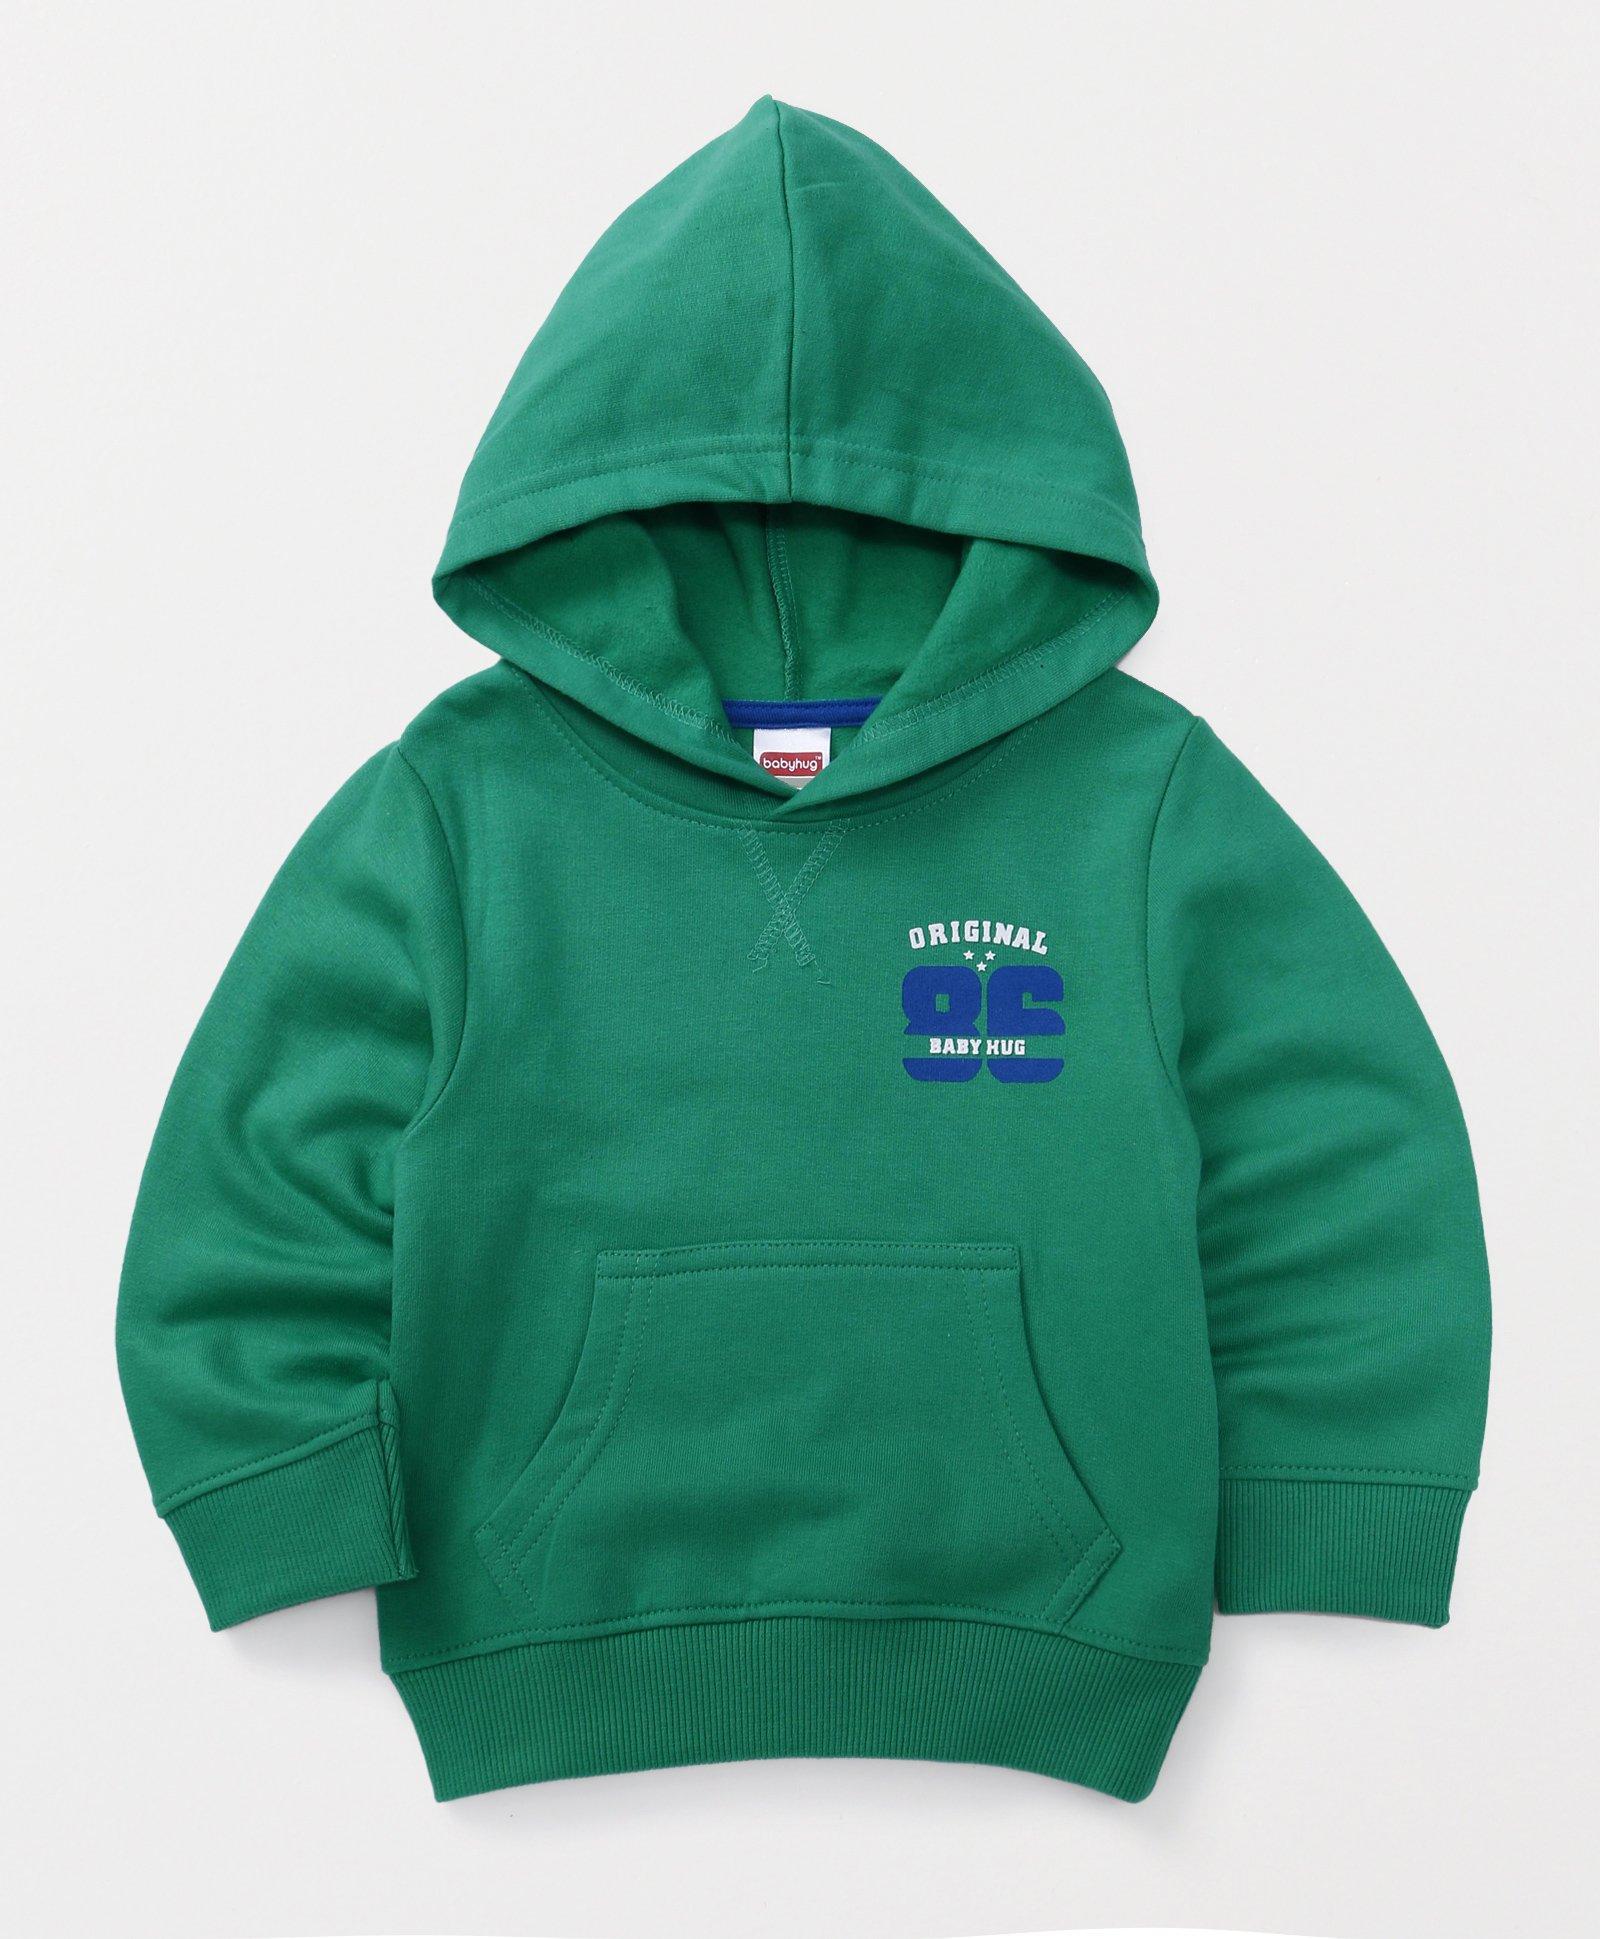 Babyhug Full Sleeves Hooded Sweatshirt Numeric Print - Green